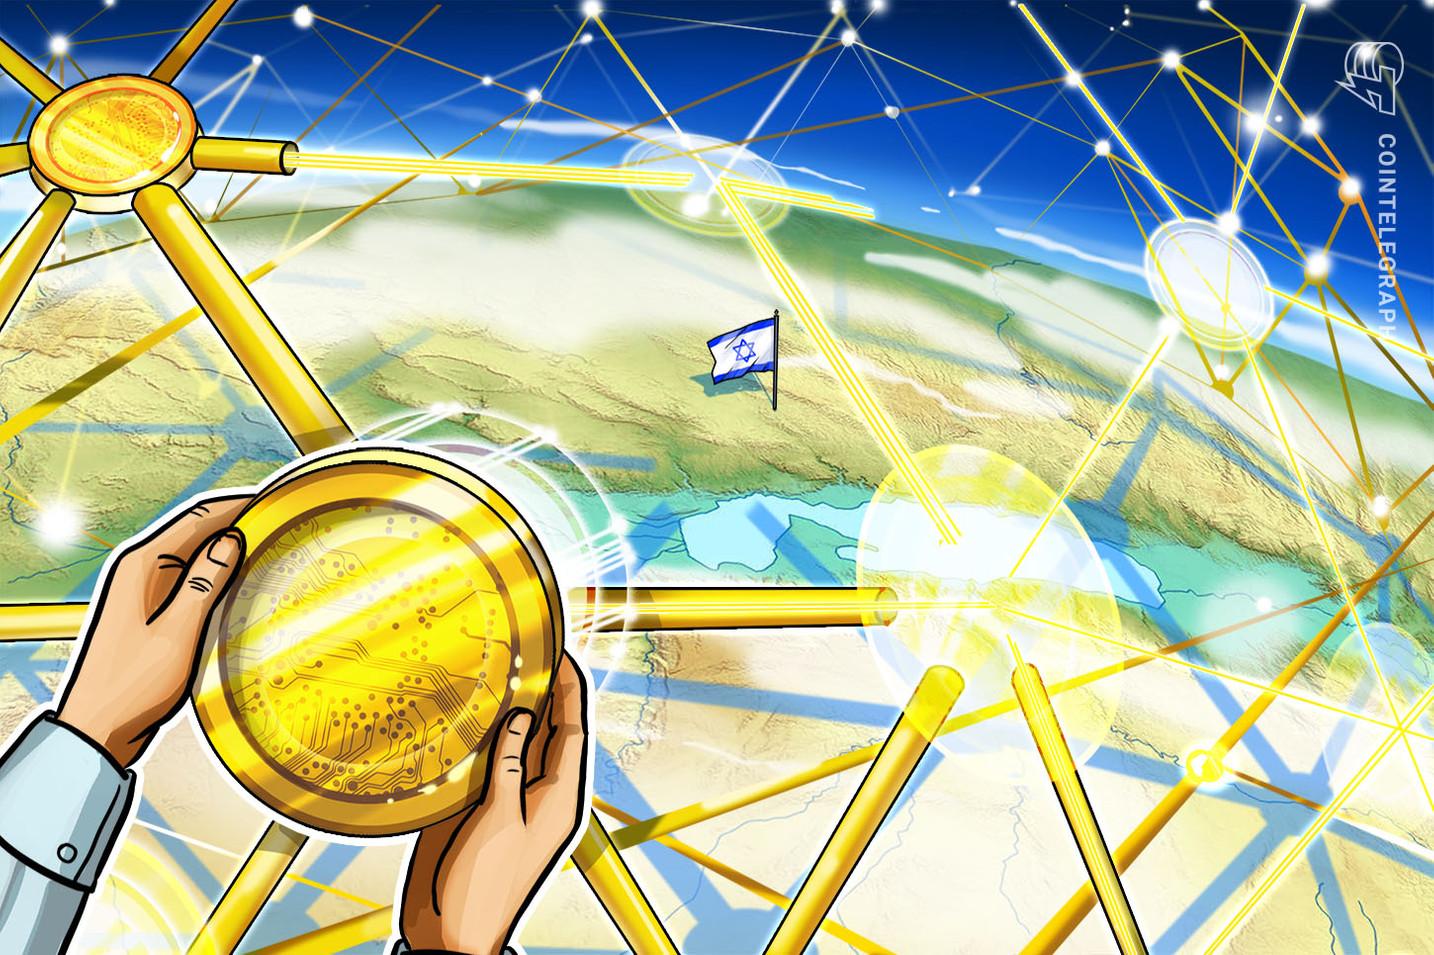 Israel recibirá a su undécimo presidente con el juramento de su cargo en un NFT